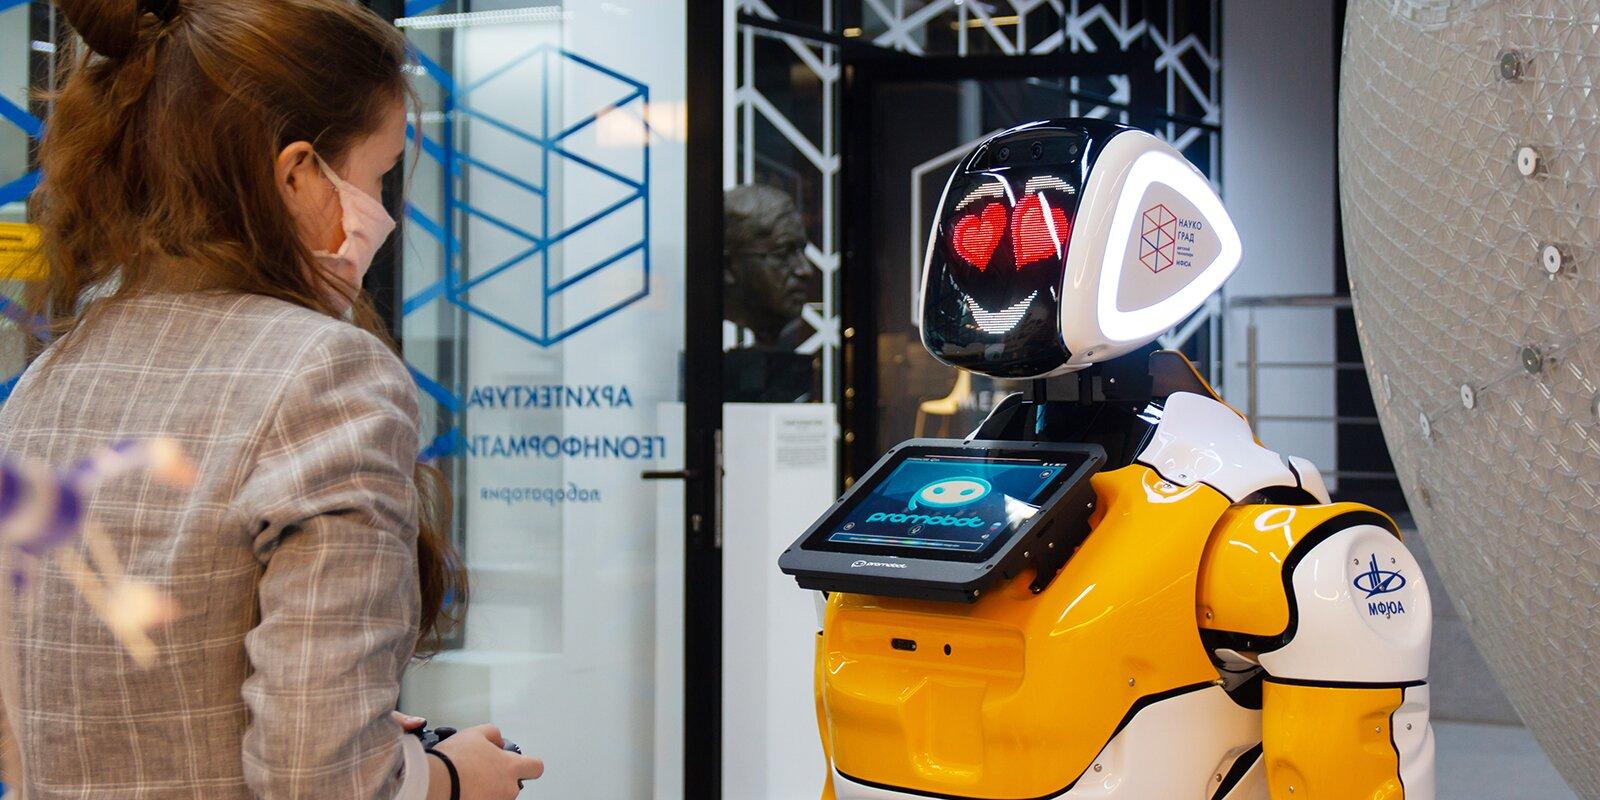 Робот будет выполнять роль ассистента. Фото: сайт мэра Москвы